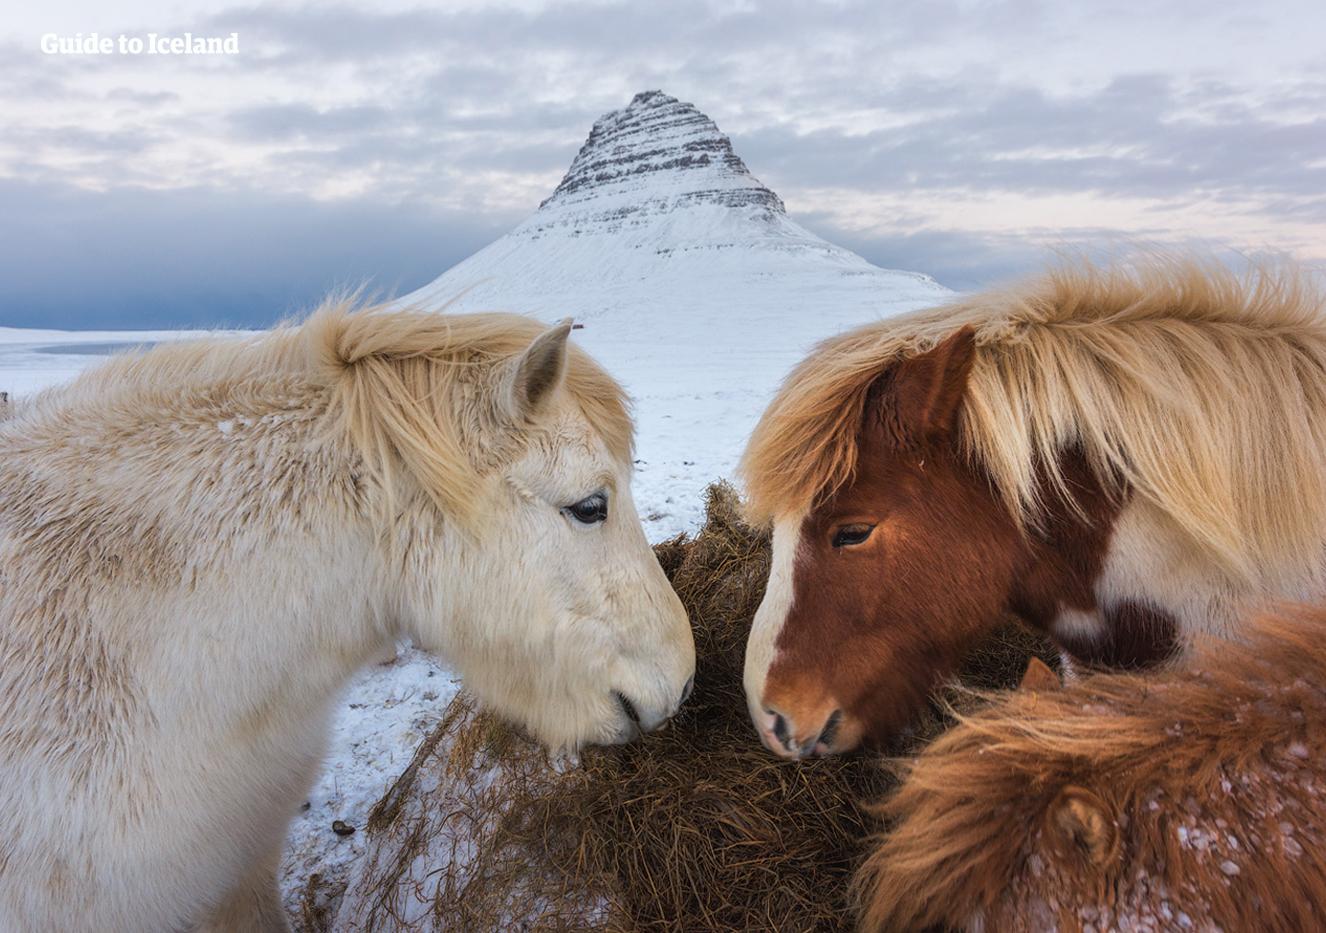 Snæfellsnes har mye å by på, blant annet det berømte fjellet Kirkjufell, der du ofte kan se omstreifende islandshester.